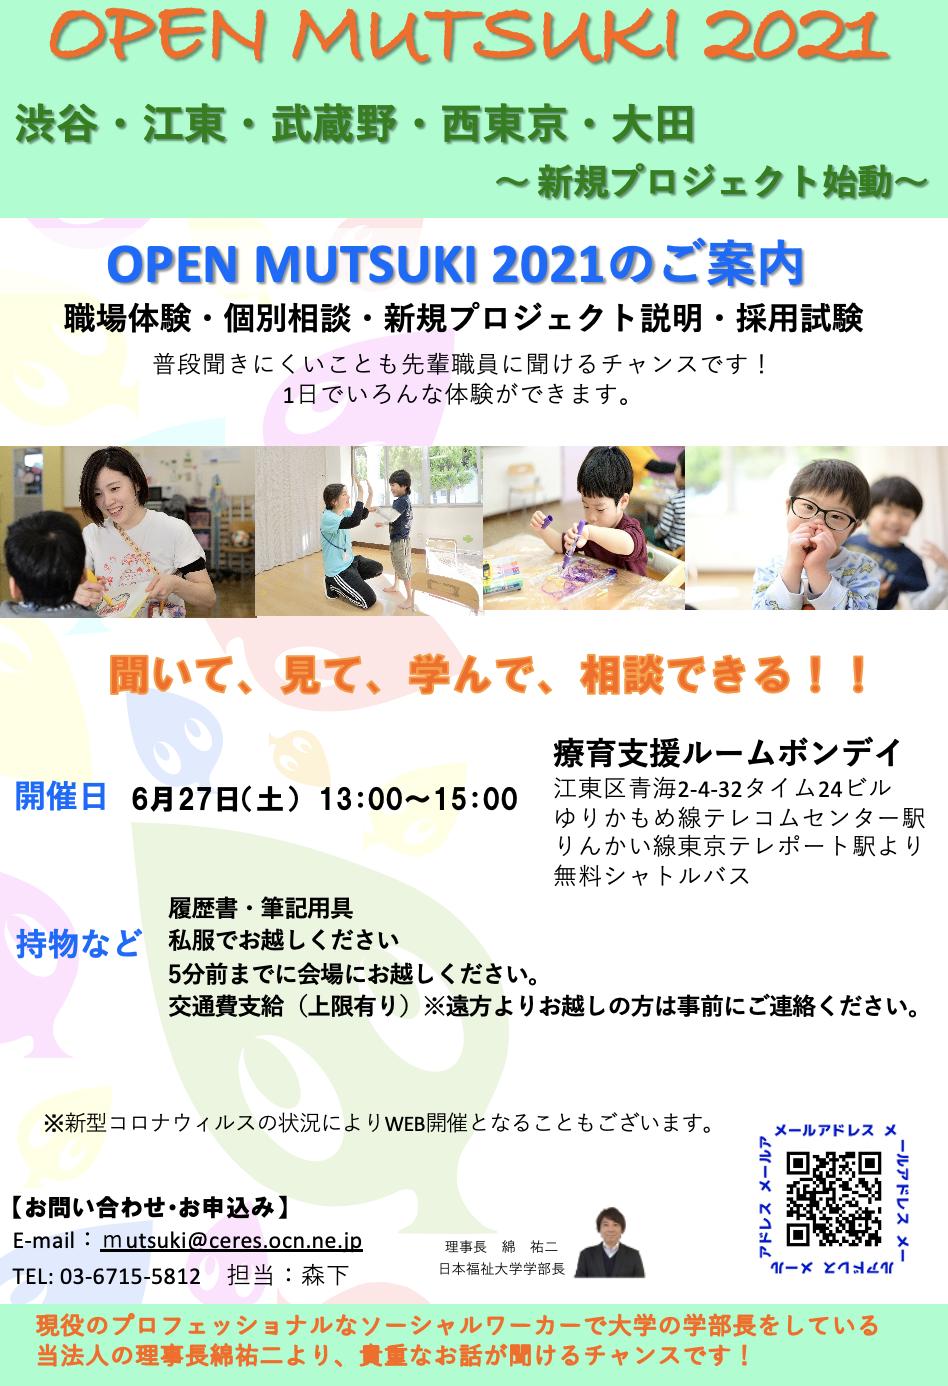 記事 採用イベント「体験型オープンムツキ2021」を開催します!のアイキャッチ画像